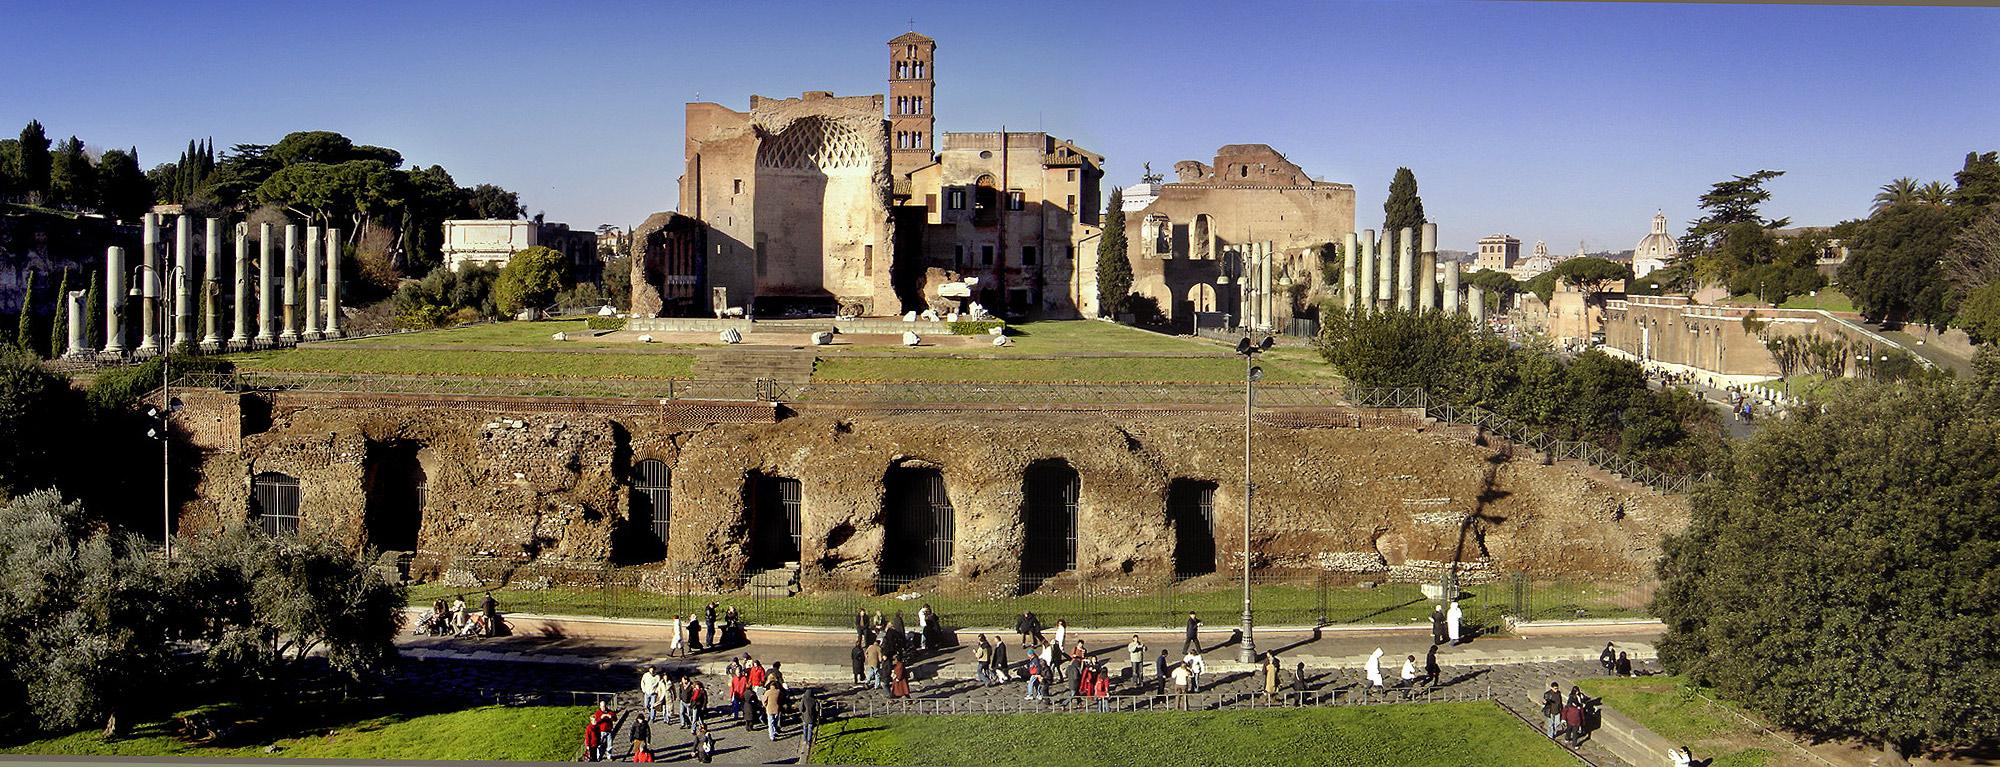 O Templo de Vénus e Roma visto do Coliseu.